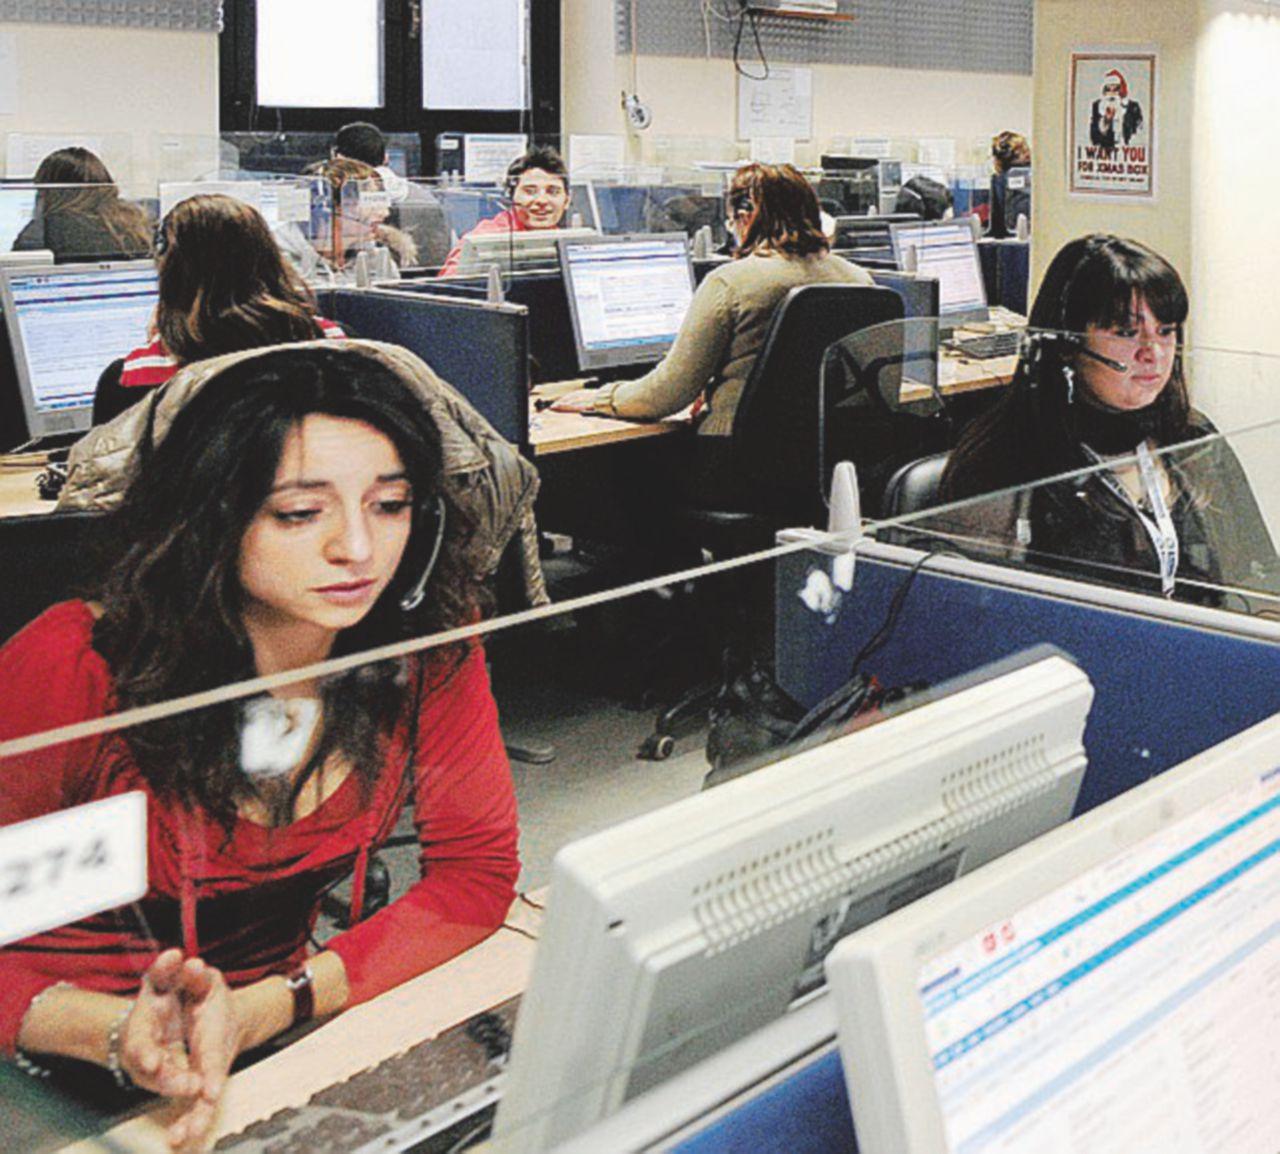 Call center, c'è chi lavora per 92 euro al mese